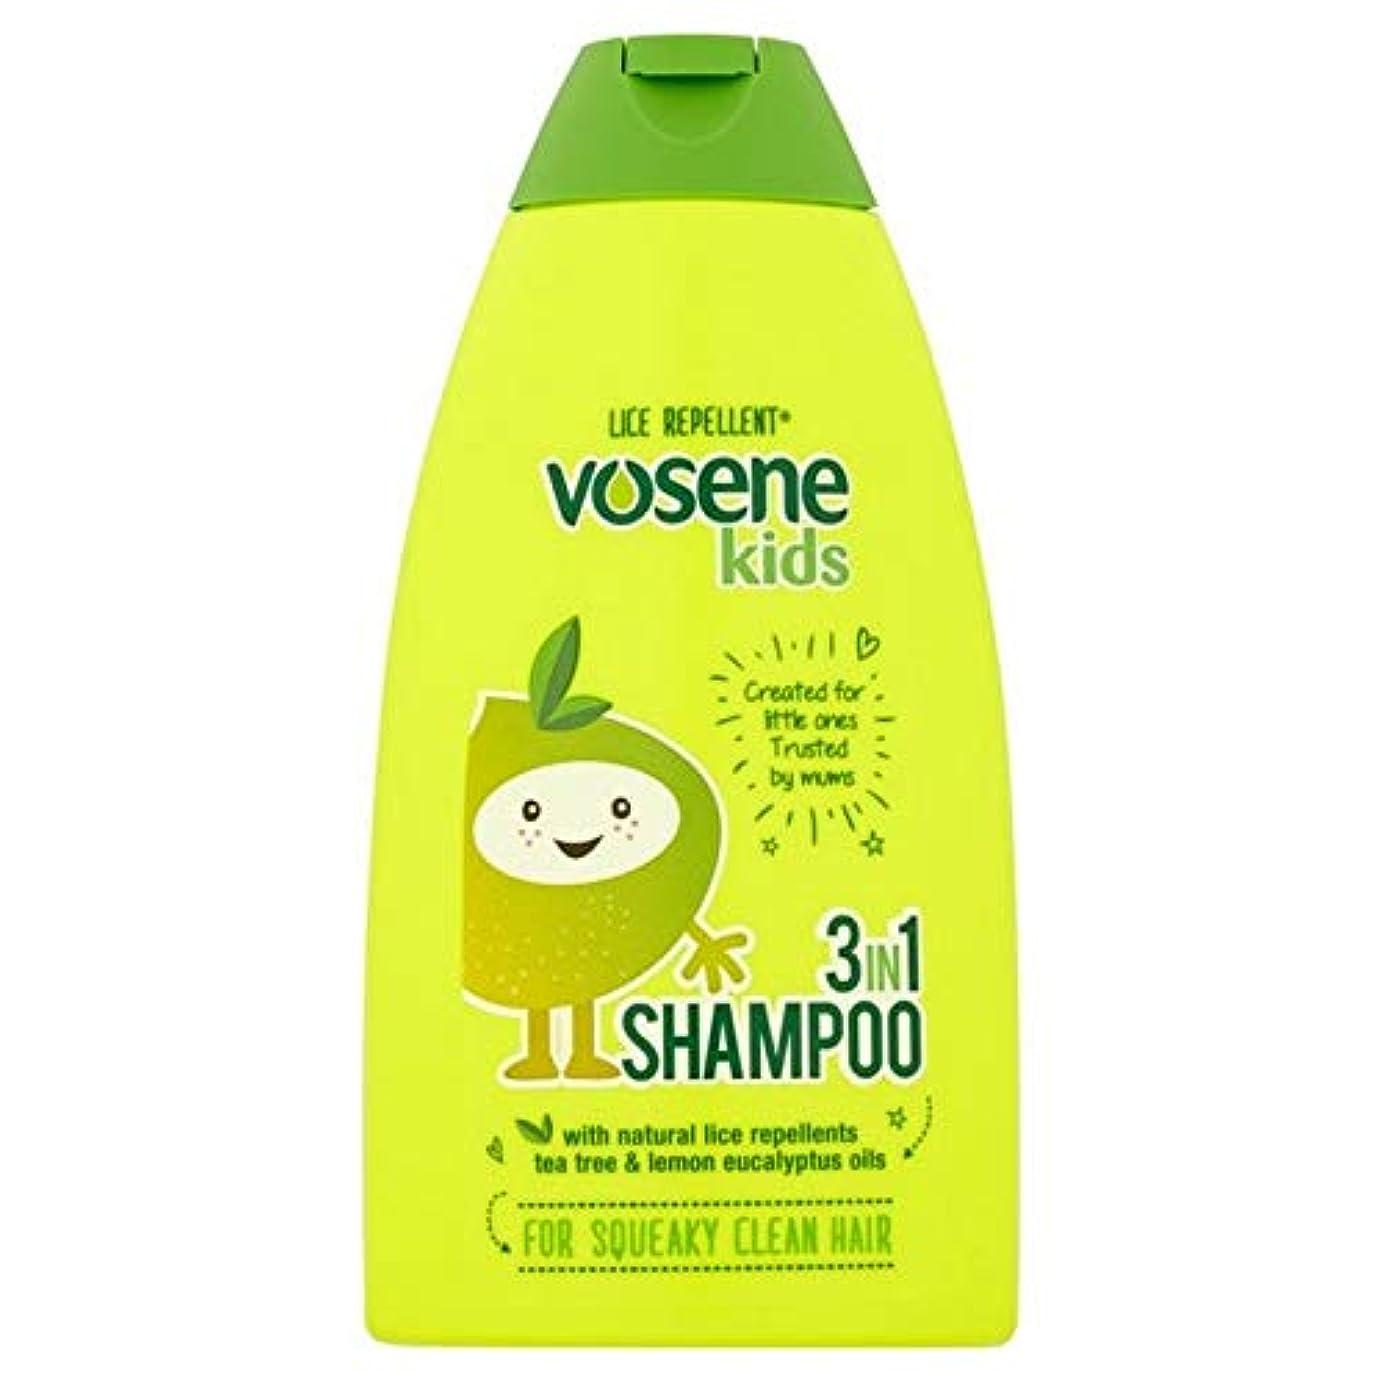 操作クラッシュ適切な[Vosene] 1つのコンディショニングシャンプー250ミリリットルでVosene子供3 - Vosene Kids 3 in 1 Conditioning Shampoo 250ml [並行輸入品]